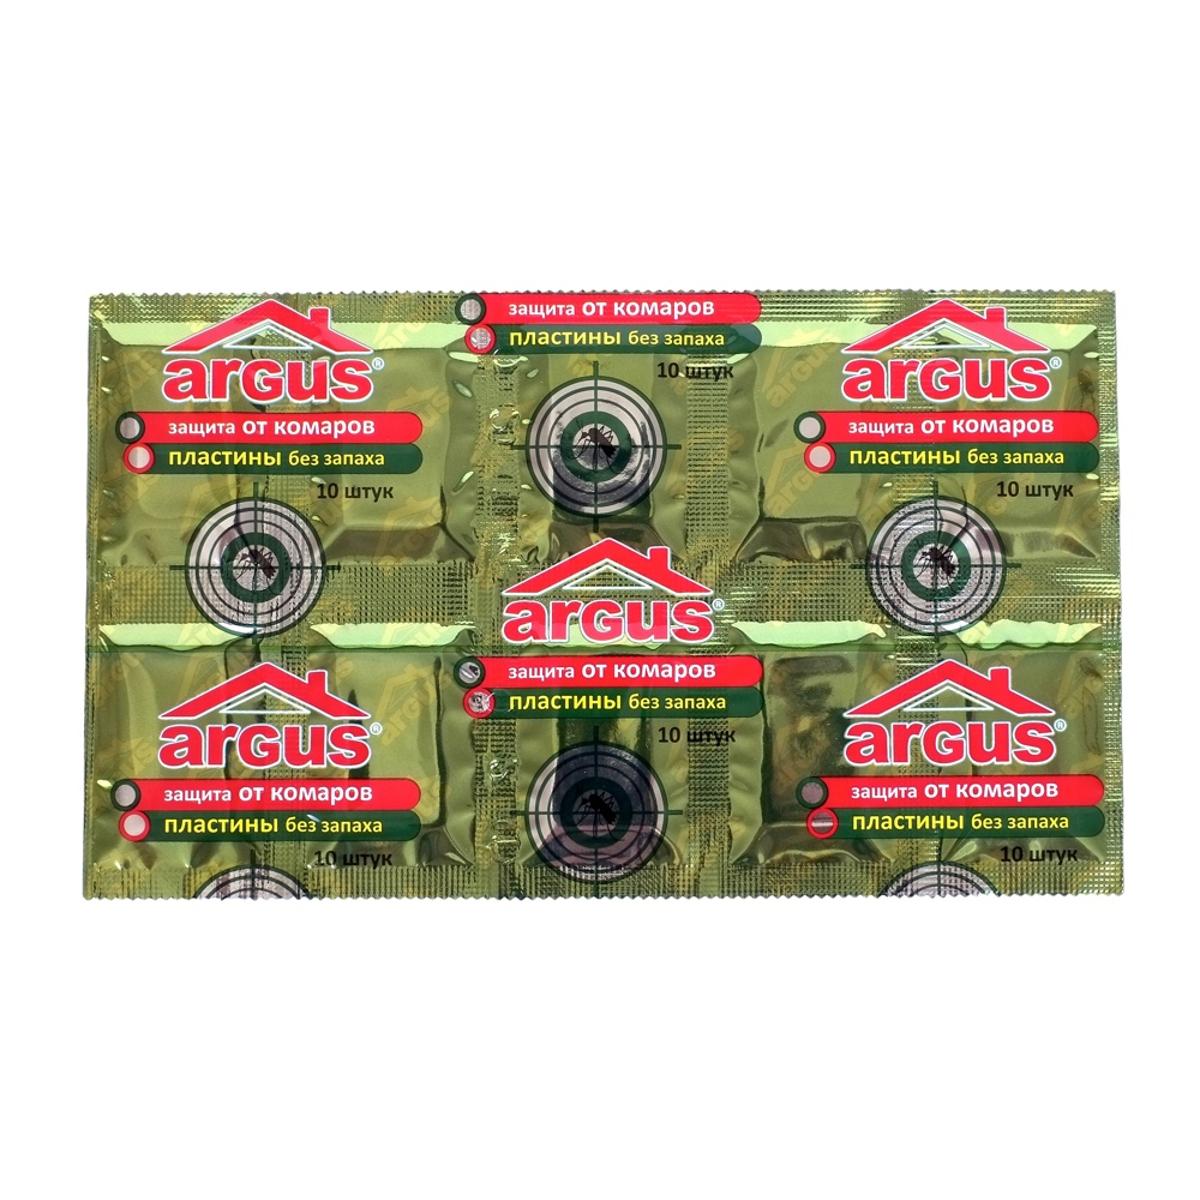 Пластины от комаров Argus, без запаха, 10 шт9103500790Пластины от комаров Argus могут быть использованы многократно, для дальнейшего использования их следует хранить в упаковке. Полная гибель комаров в закрытых помещениях достигается за 15-20 минут в зависимости от площади помещения. Применение одной пластины рассчитано до 8-10 часов в непрерывном режиме работы в помещении площадью до 30 м2. Обесцвечивание пластины является показателем окончания срока действия.Состав: ДВ-эсбиотрин, стабилизатор, краситель.